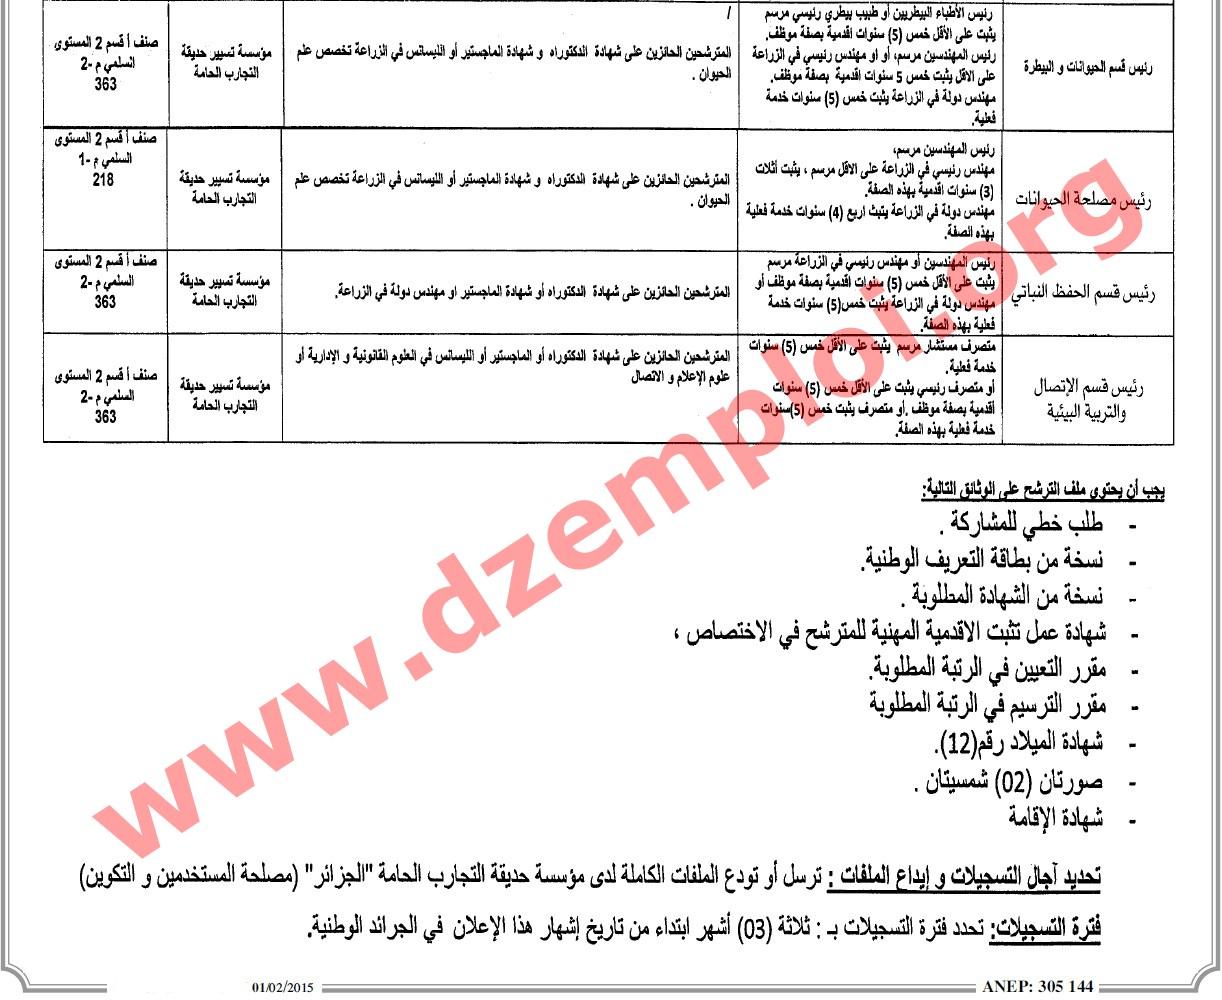 إعلان مسابقة توظيف في المؤسسة العمومية ذات الطابع الإداري لحديقة التجارب الحامة ولاية الجزائر Alg%2B04